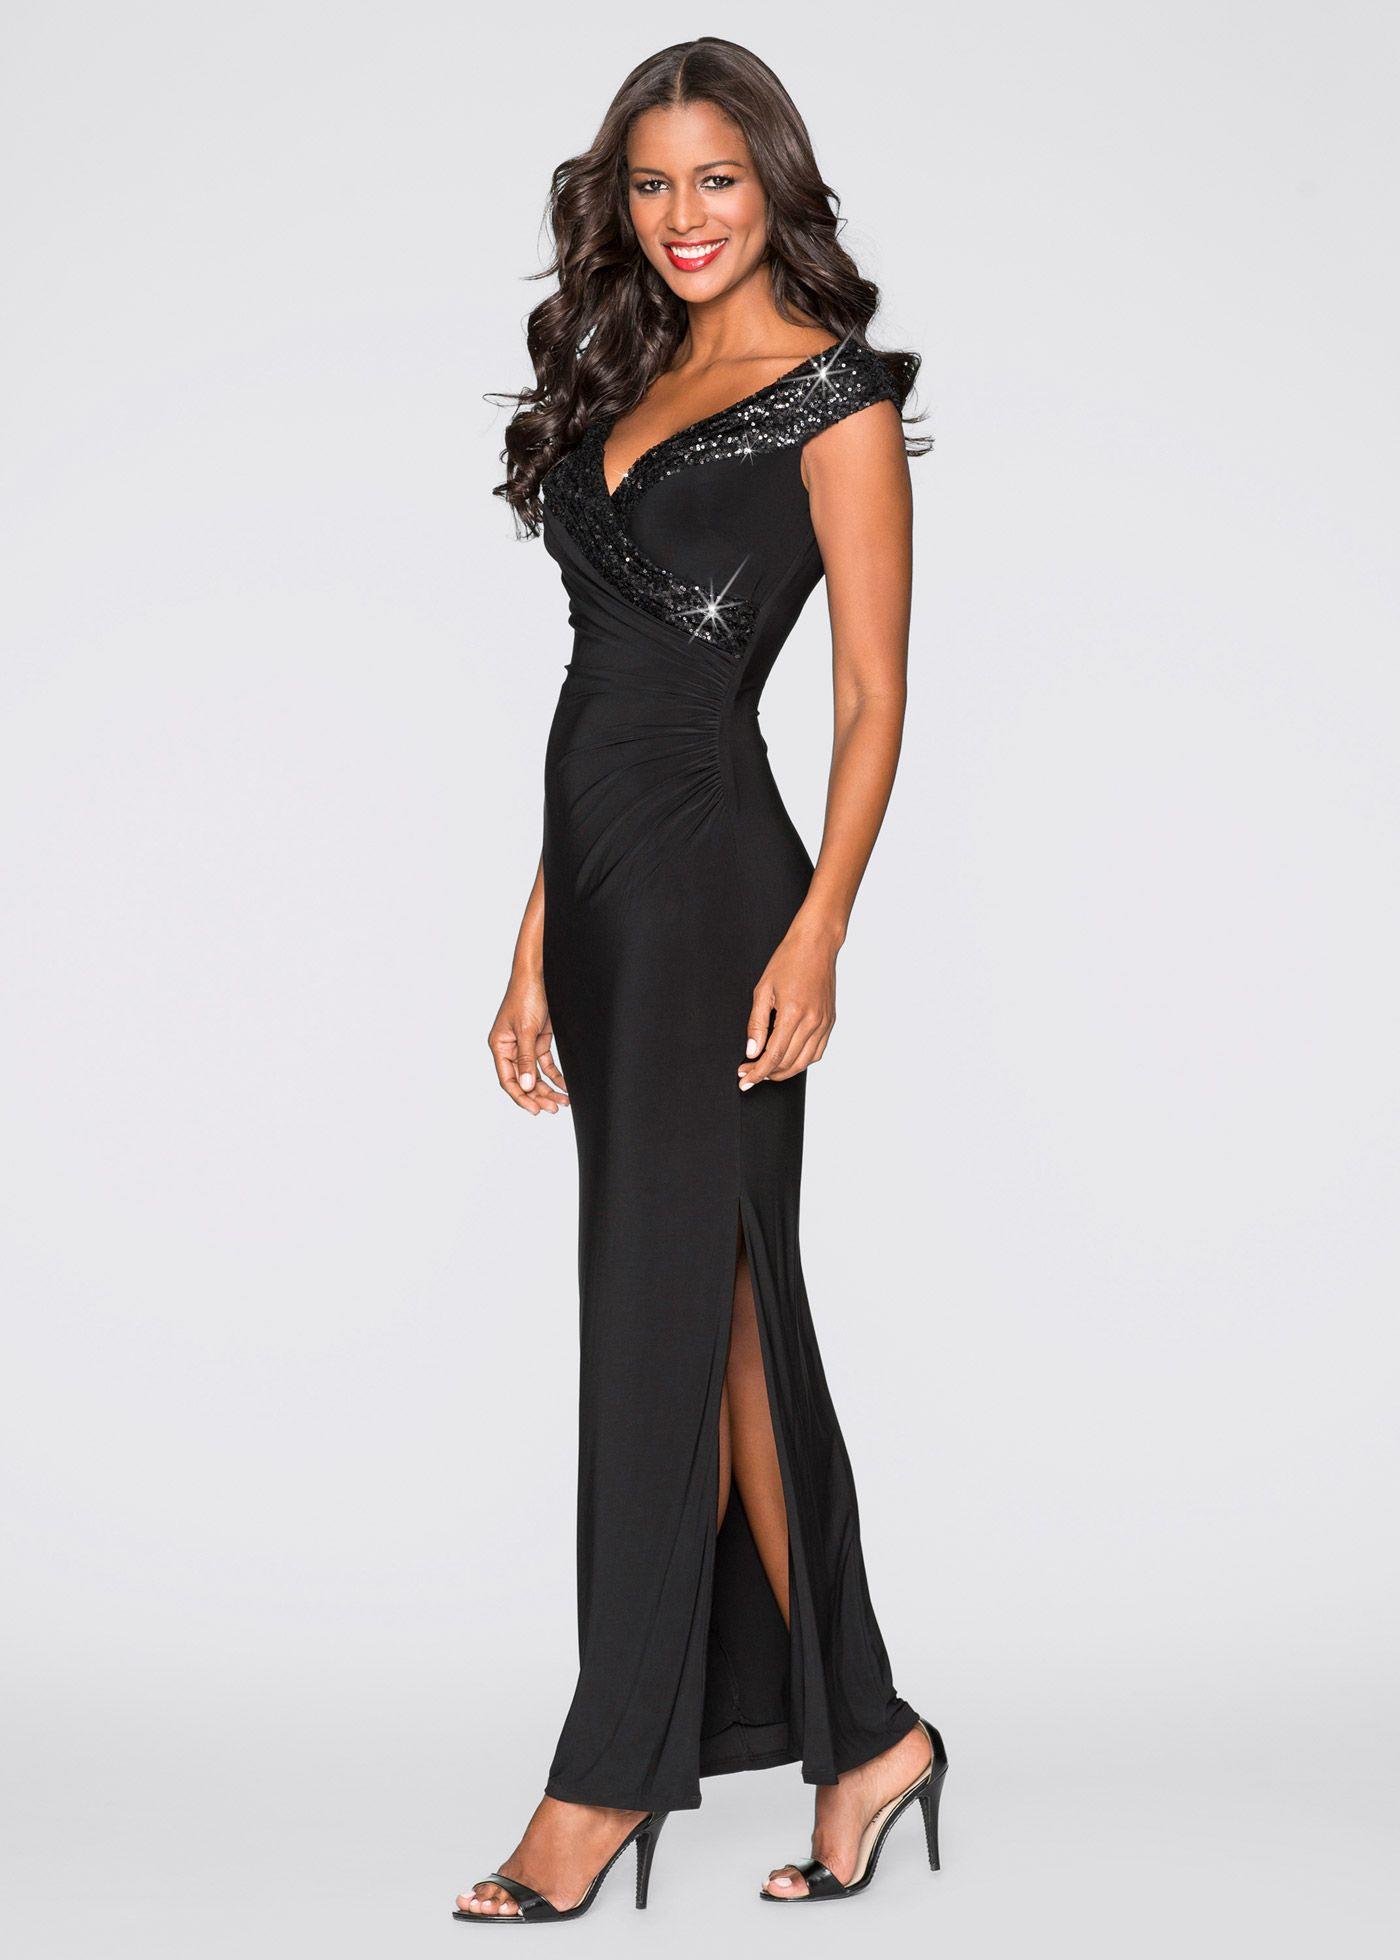 Abend Wunderbar Abendkleid Bonprix Vertrieb10 Leicht Abendkleid Bonprix für 2019